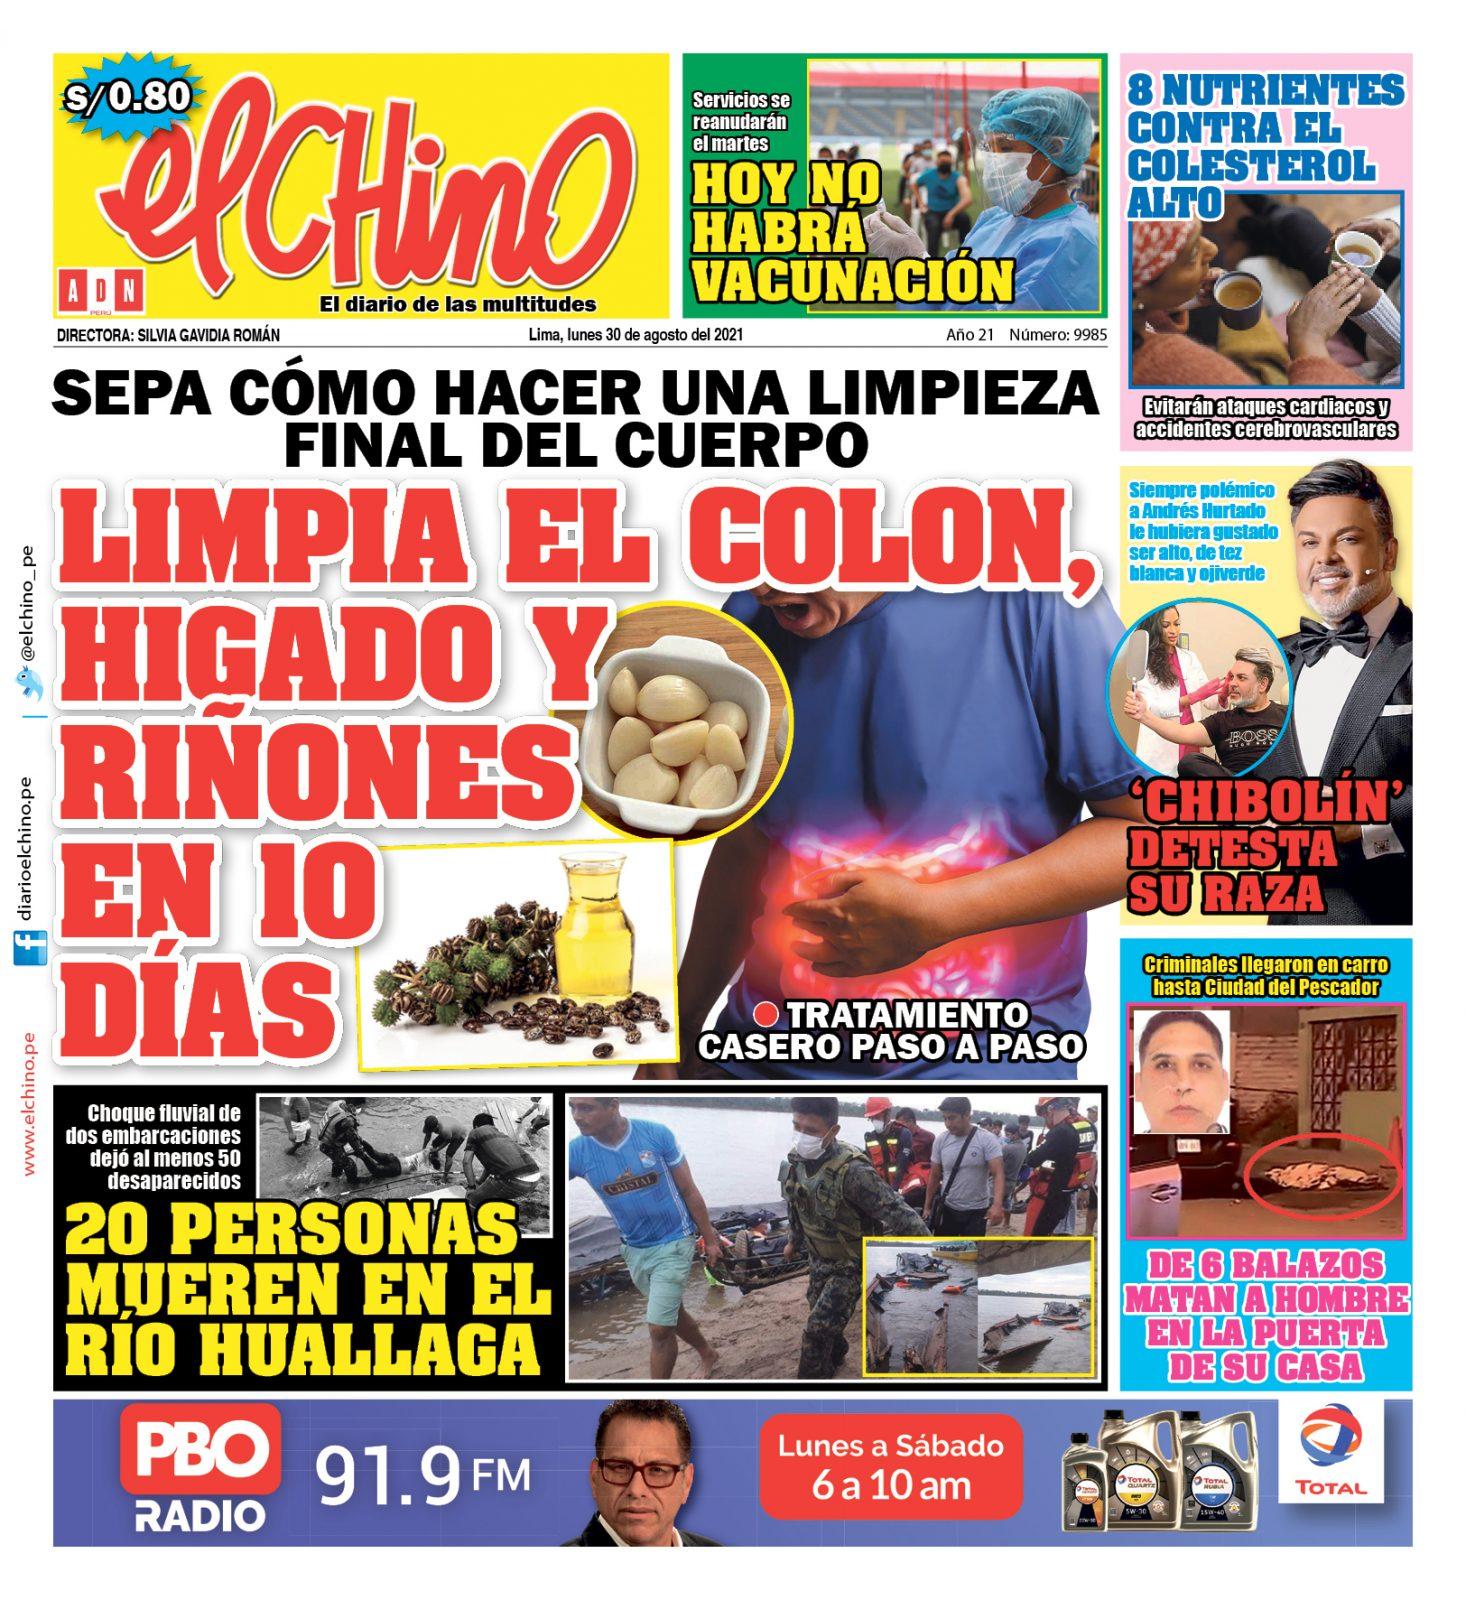 Portada impresa – Diario El Chino (30/08/2021)